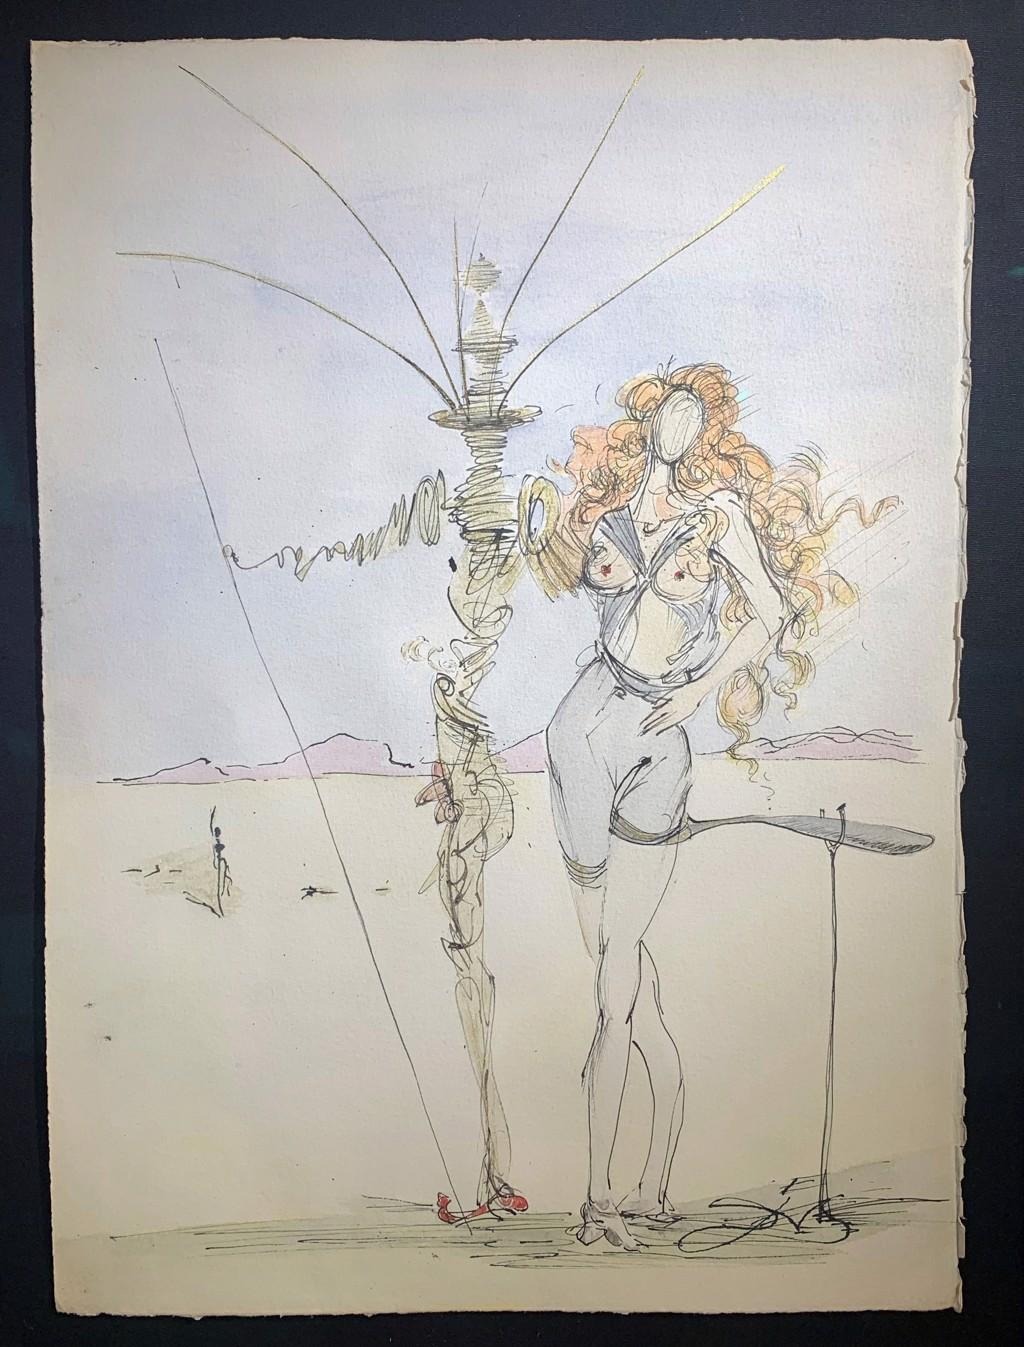 La Femme aux Cheveux d'or et son Garde by Salvador Dali (1904 - 1989)